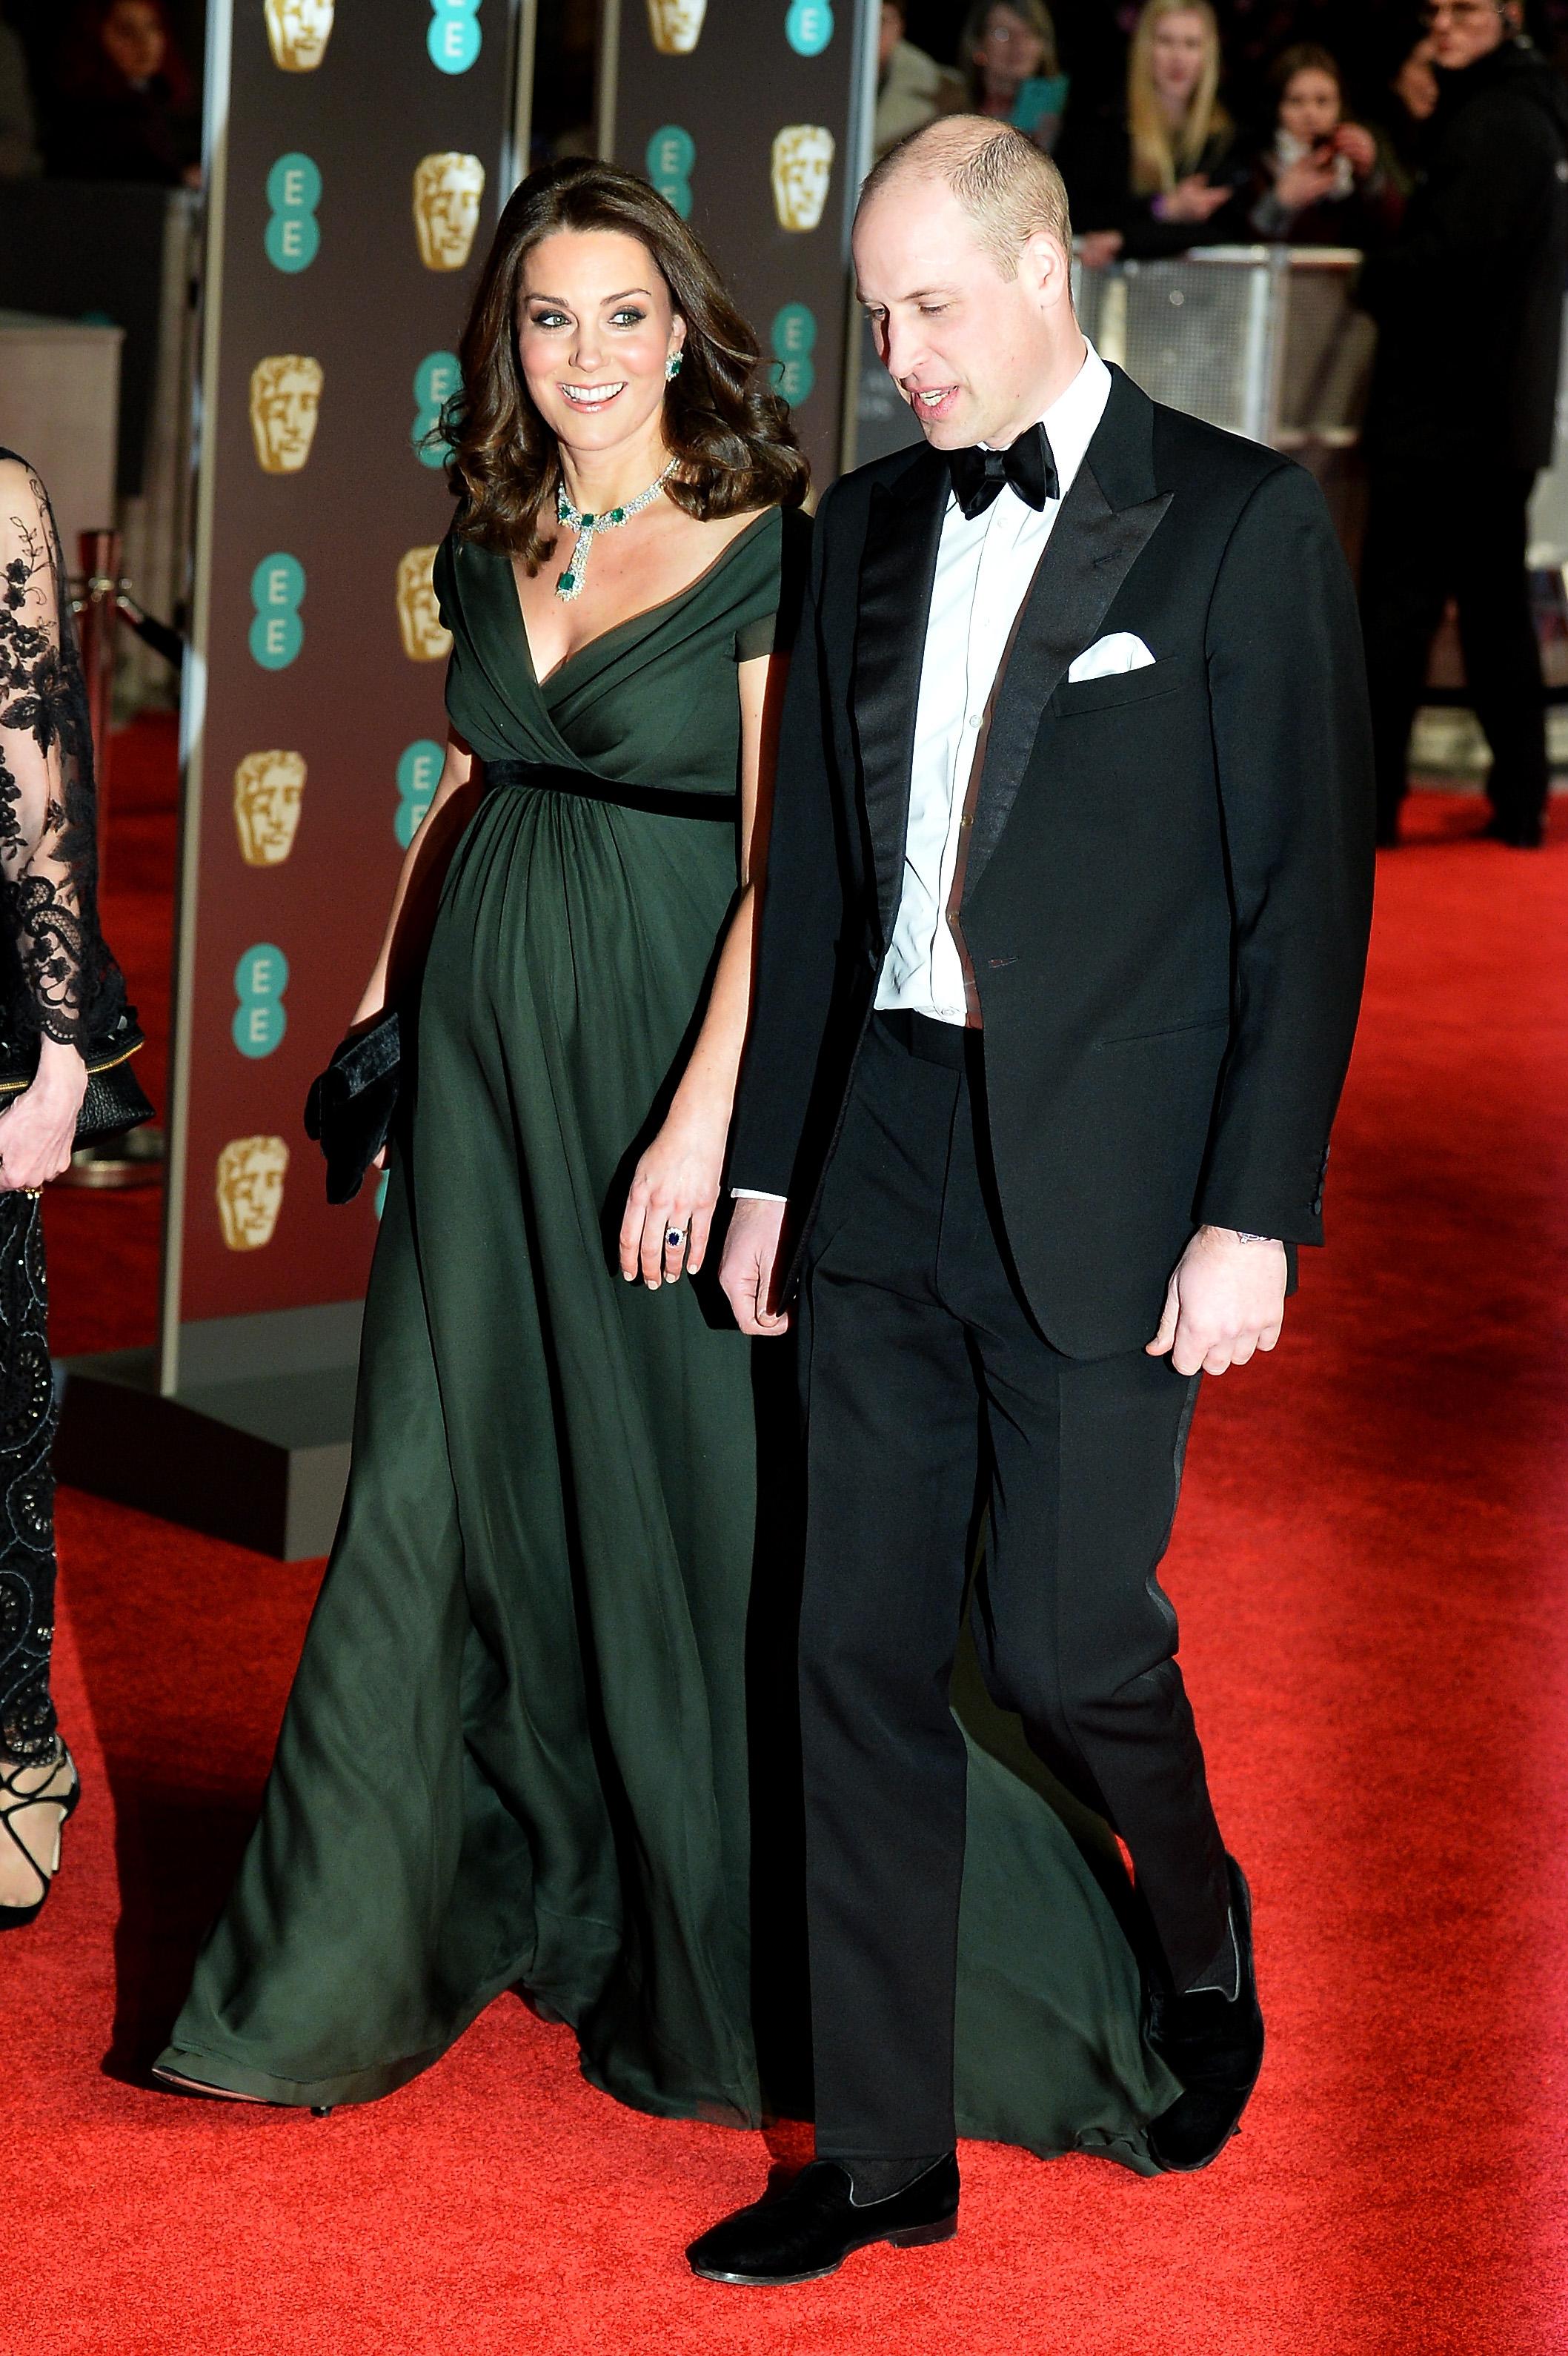 Herzogin Kate trägt kein schwarzes Kleid bei den diesjährigen BAFTA Awards.    Foto: Getty Images